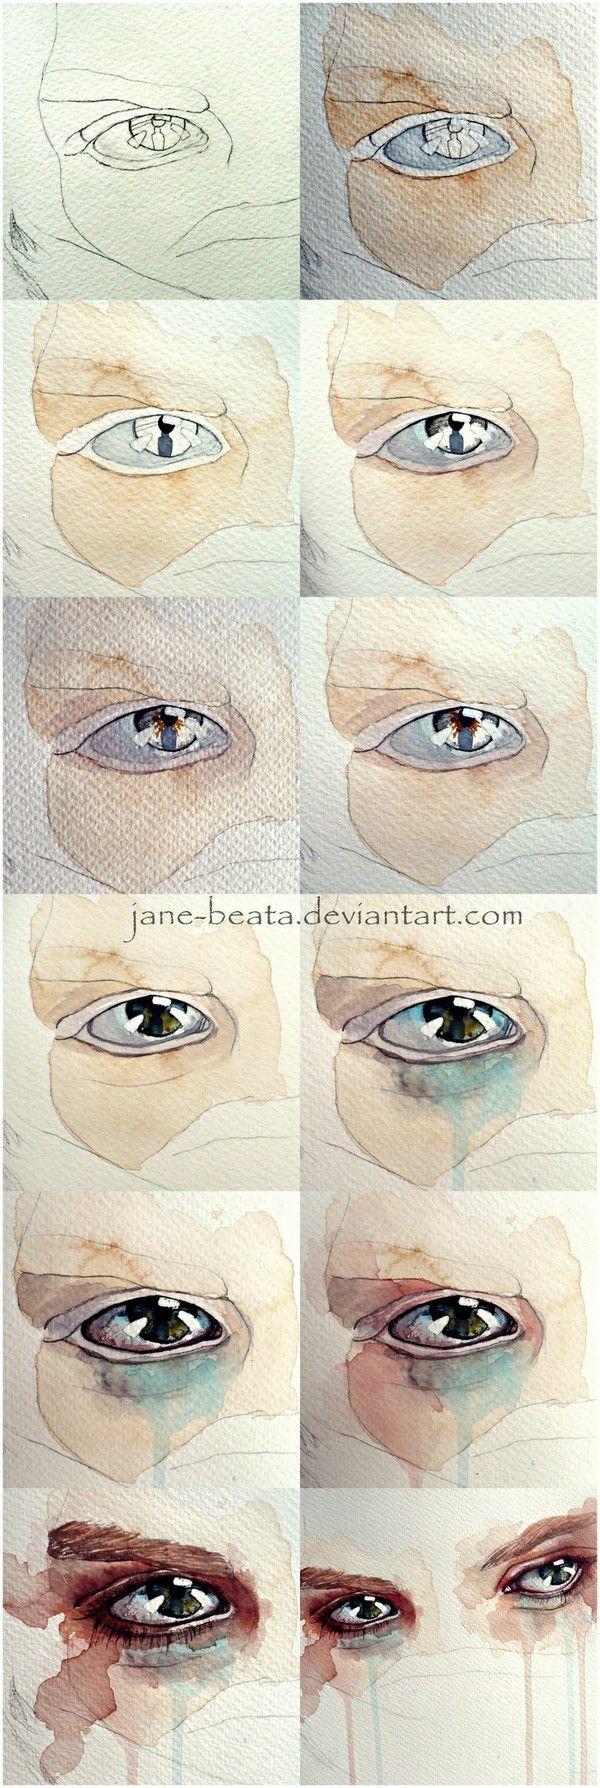 眼睛水彩教程